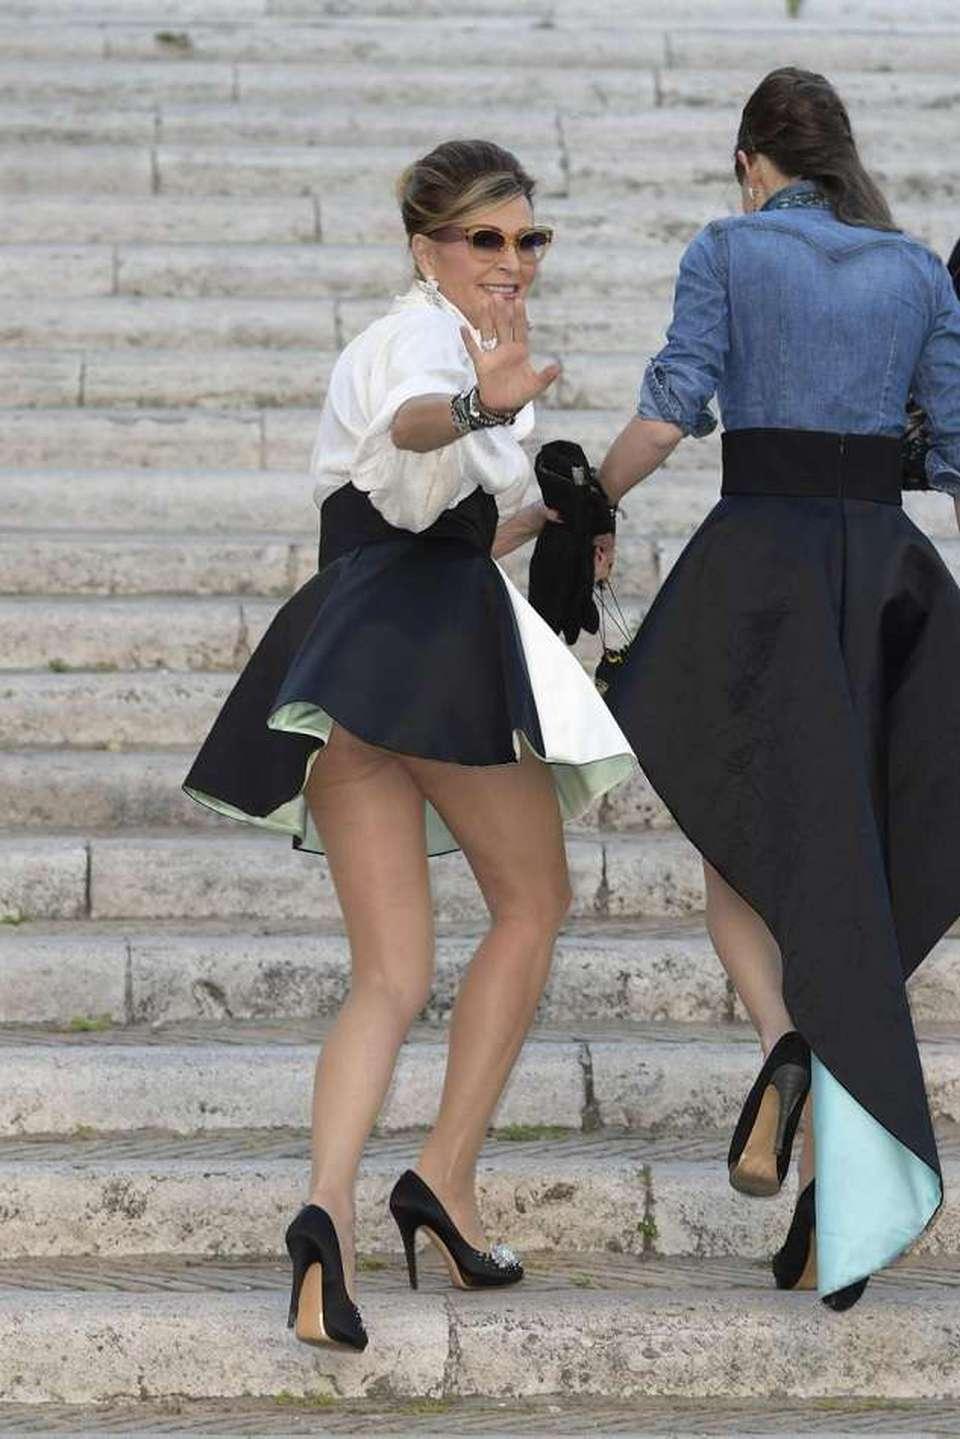 Daniela Santanchè come Marilyn, il vento le alza la gonna